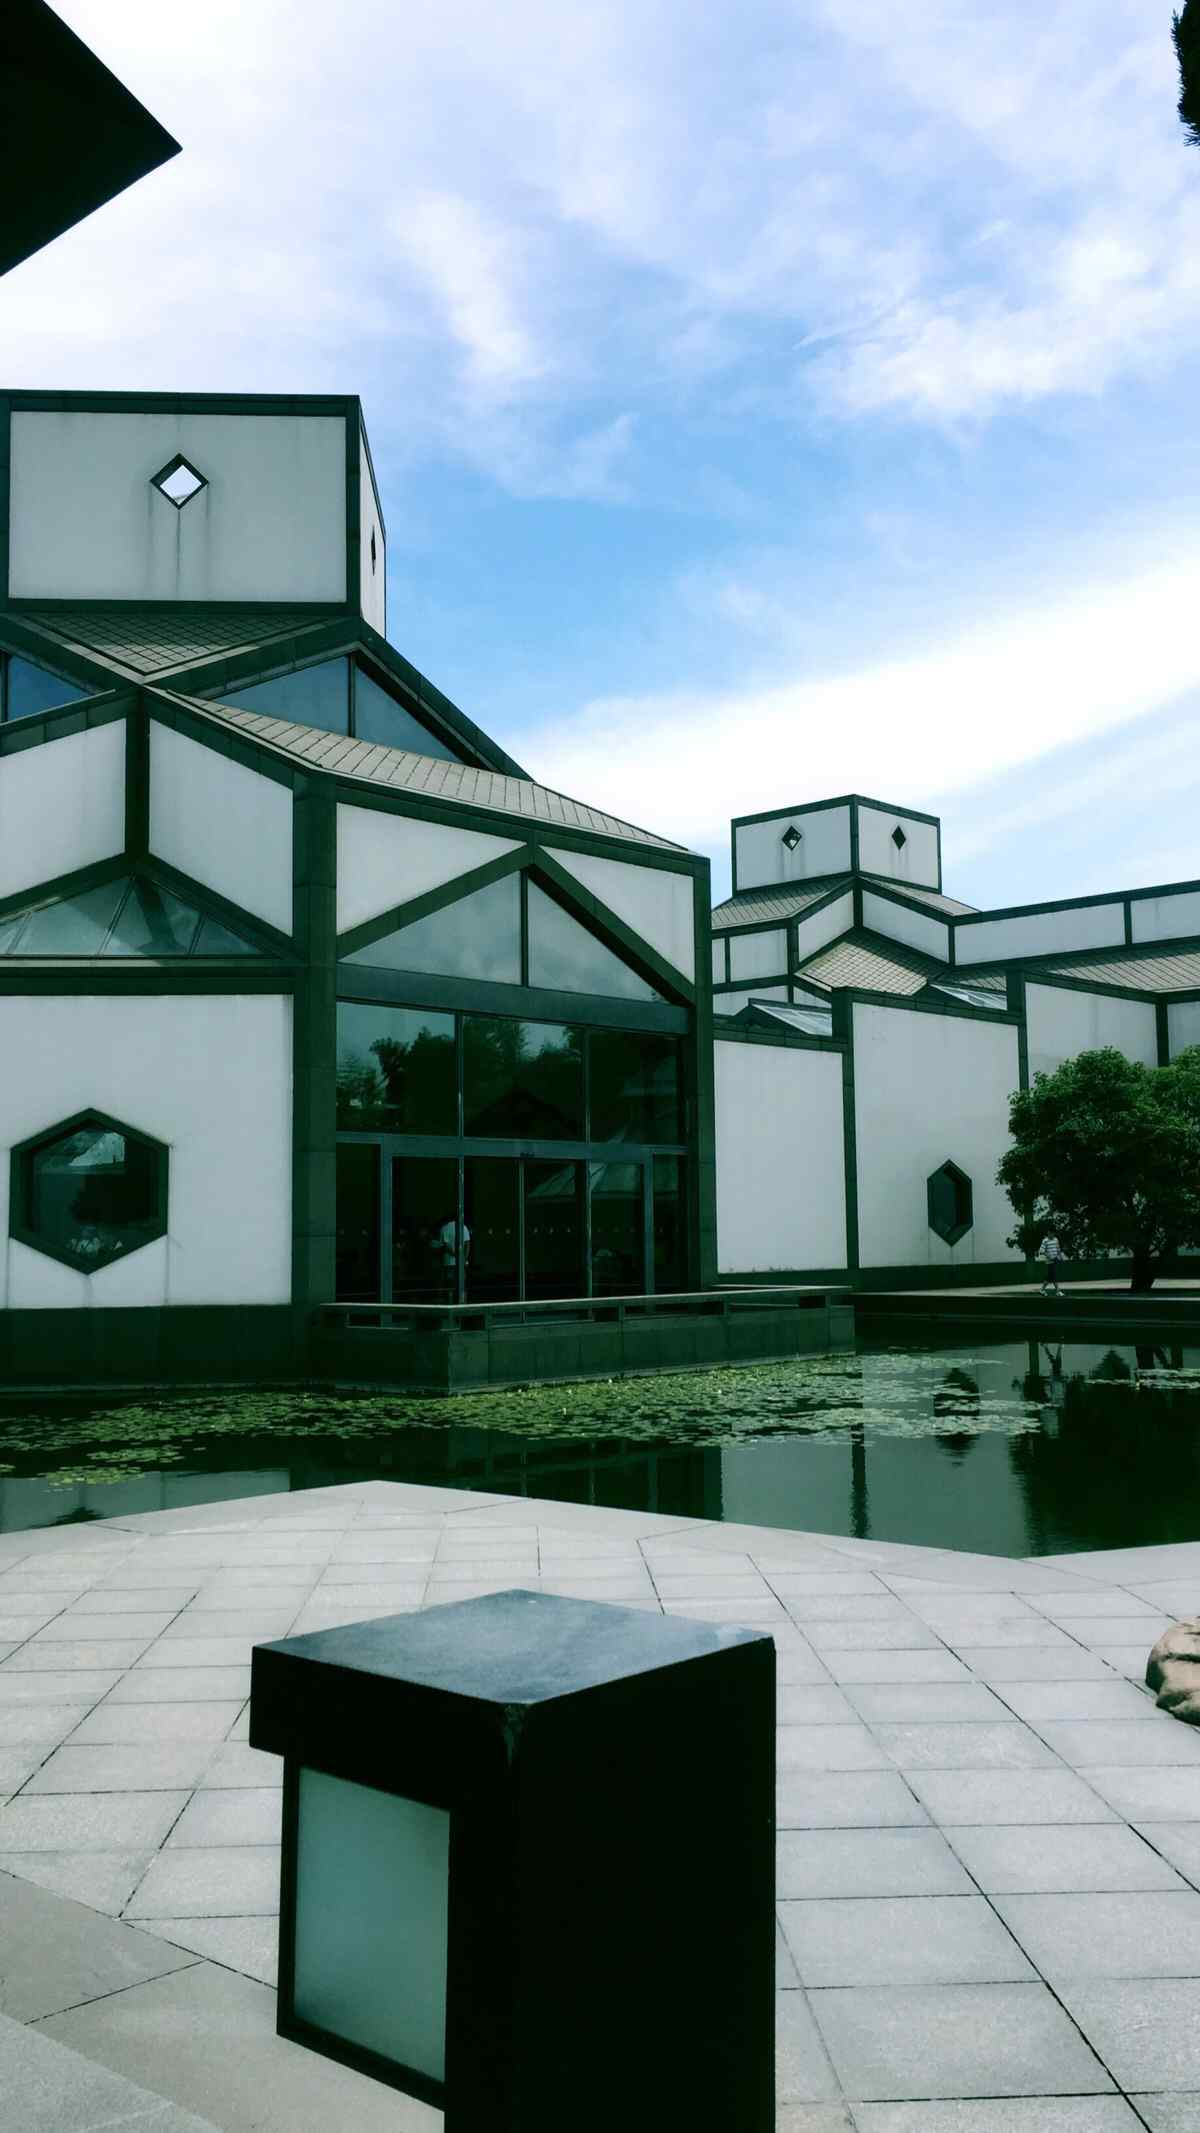 苏州博物馆室外场景手机壁纸